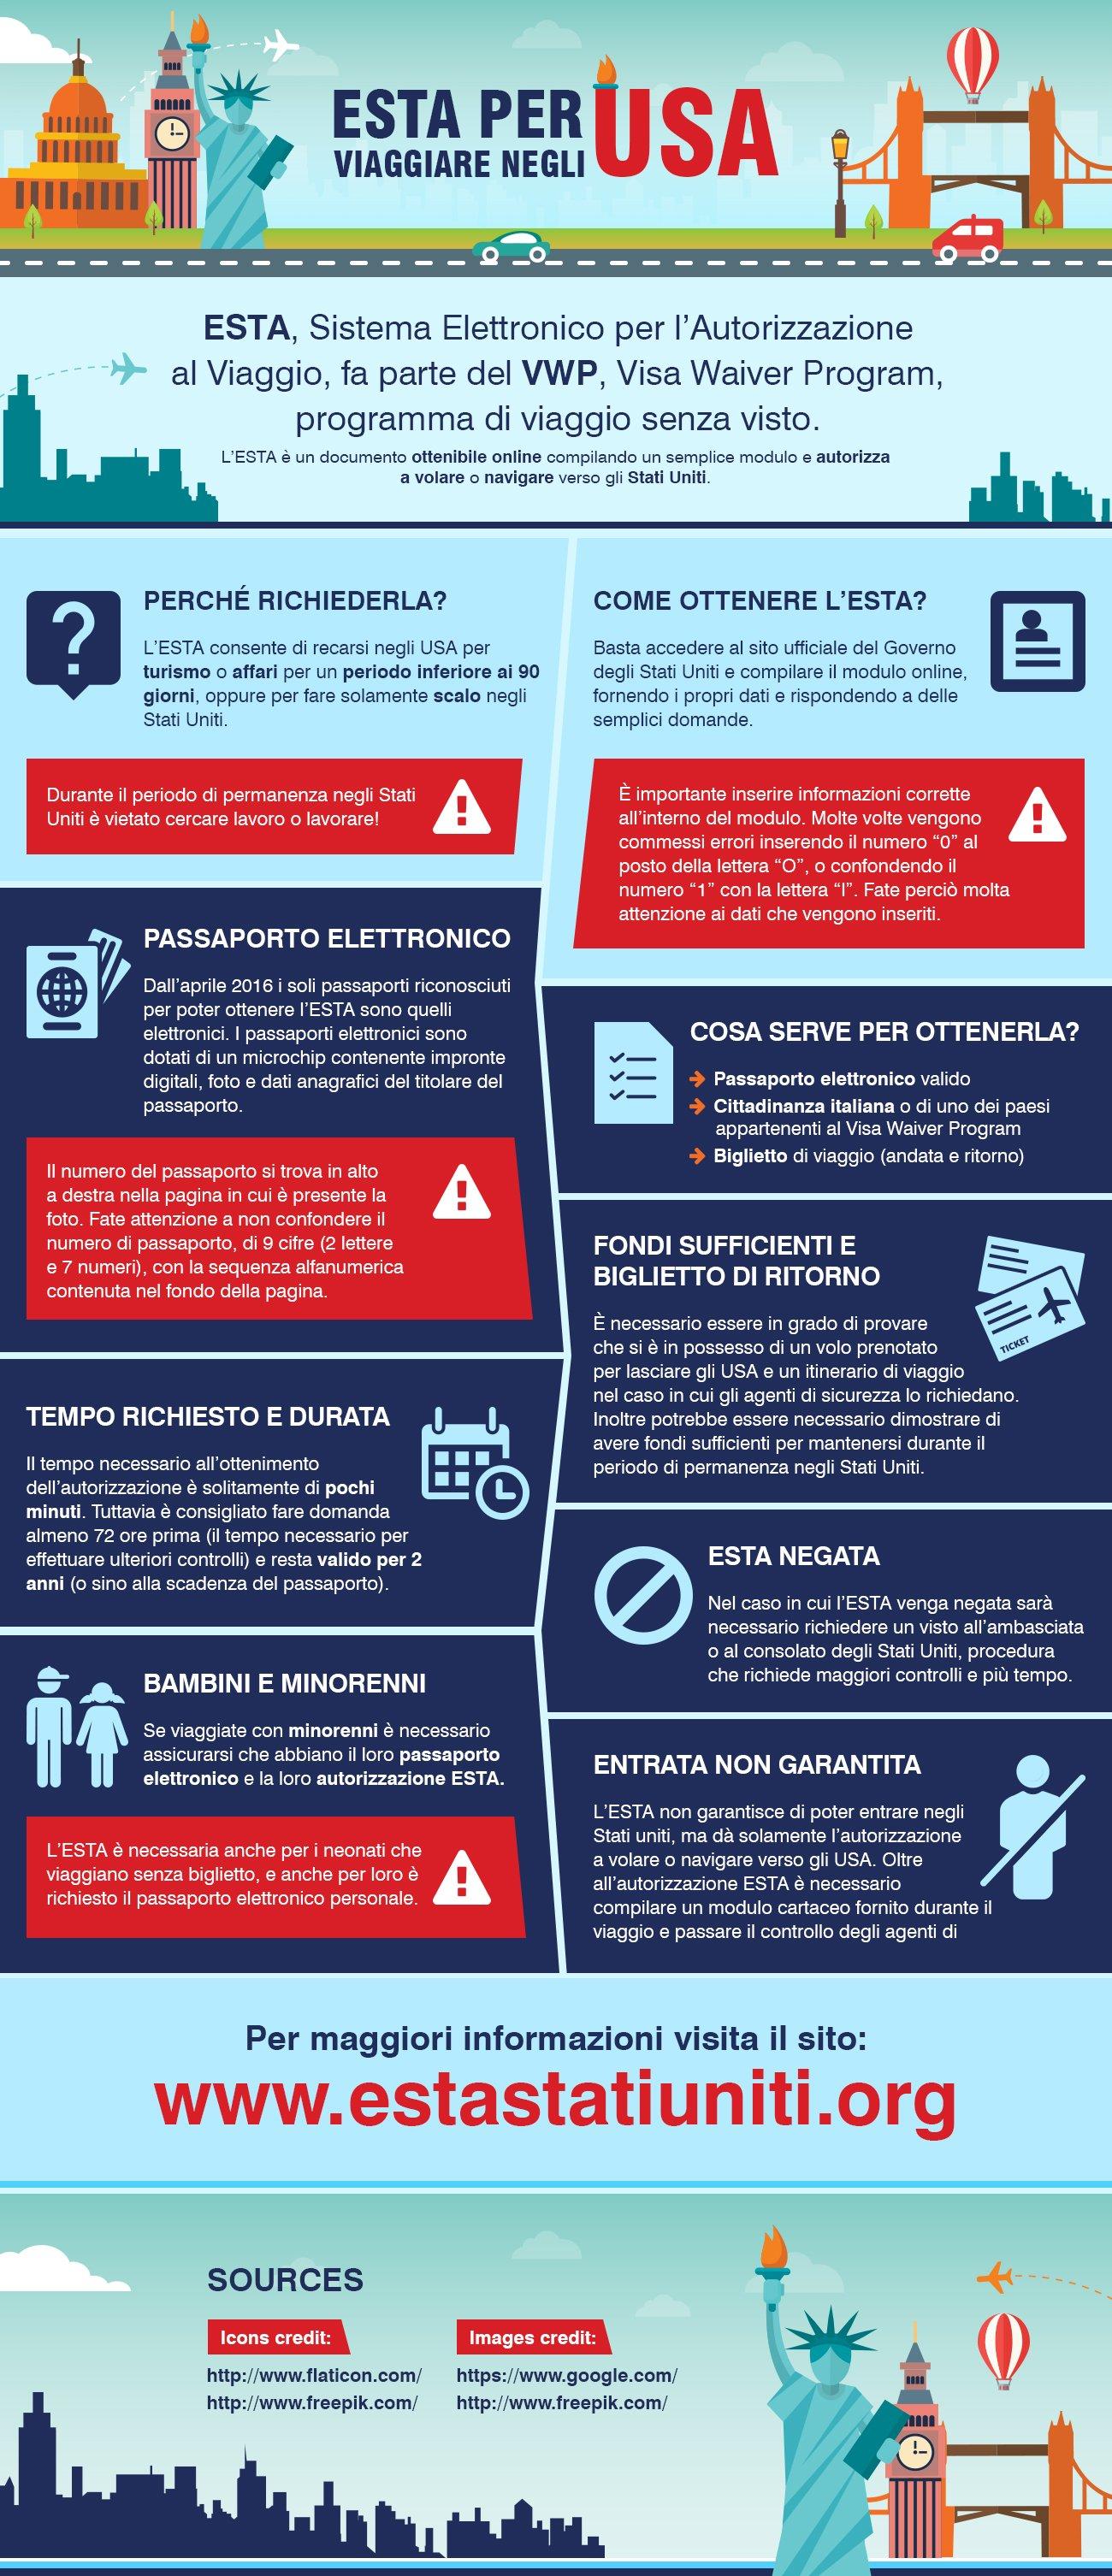 Infografica sull'ESTA per gli Stati Uniti